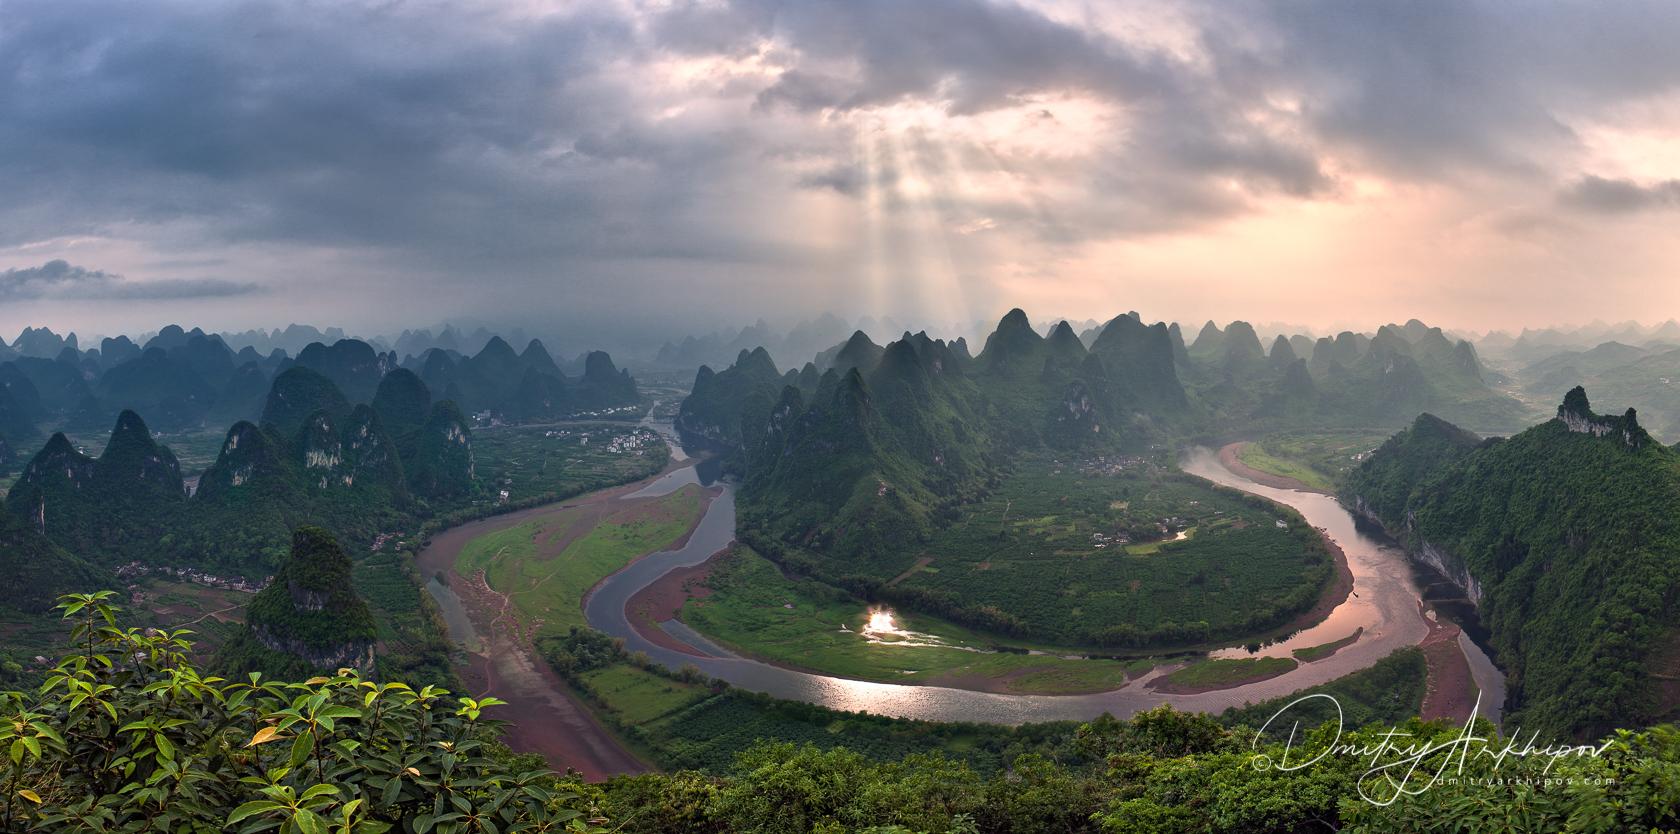 Horseshoe Li River, phototour